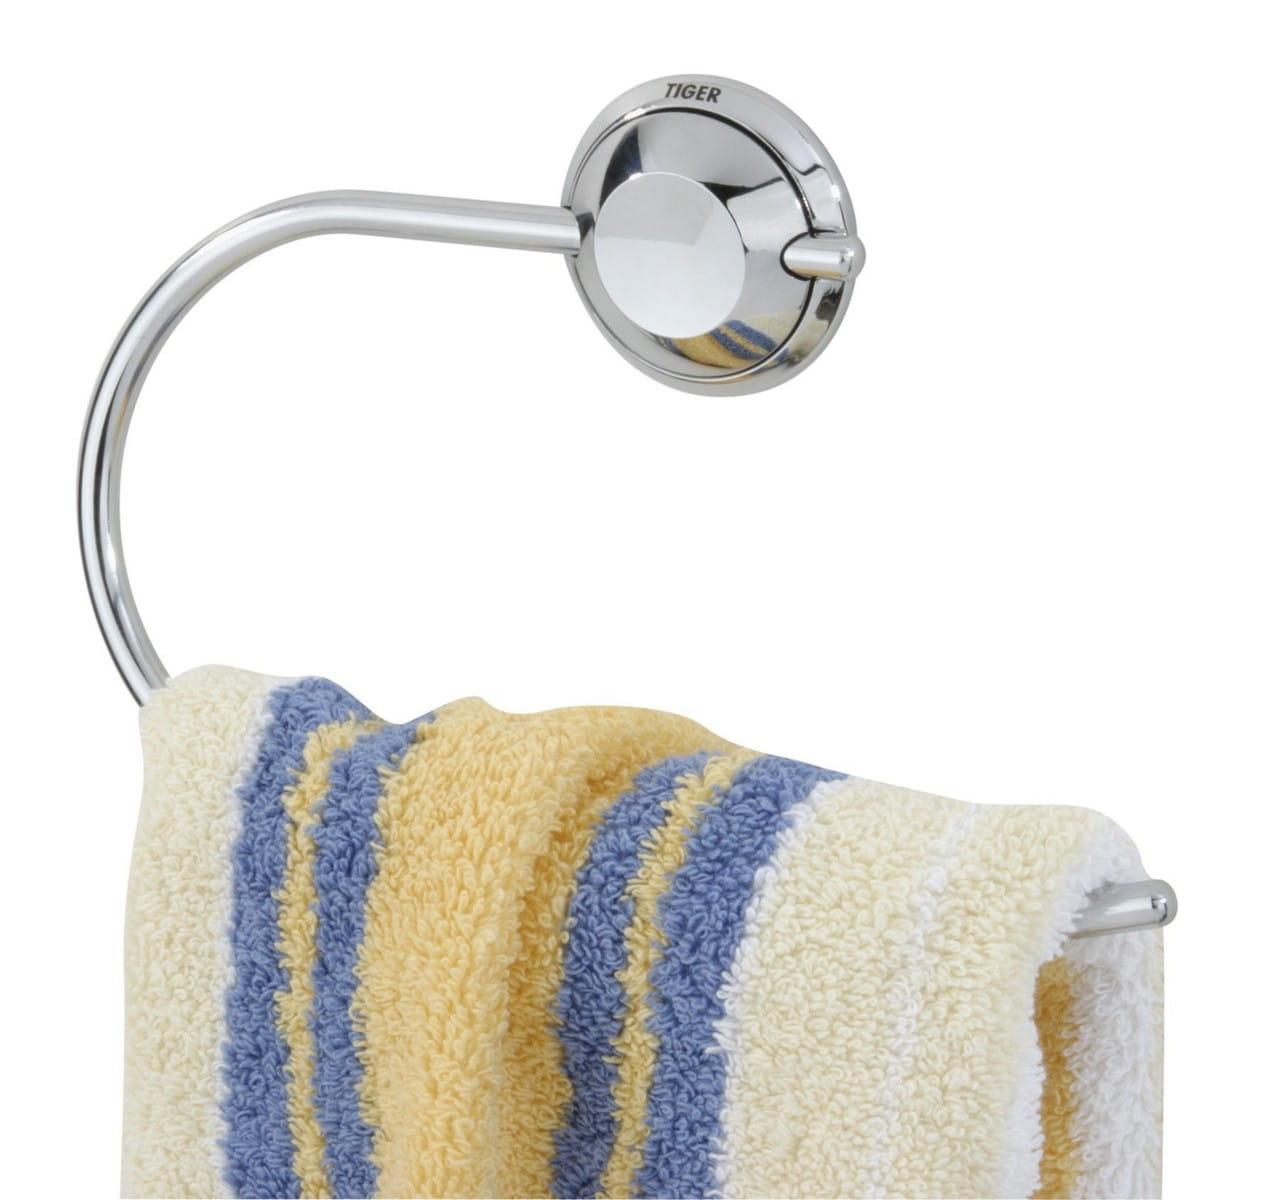 Tiger Torino wieszak ręcznikowy ring chrom 3814.03